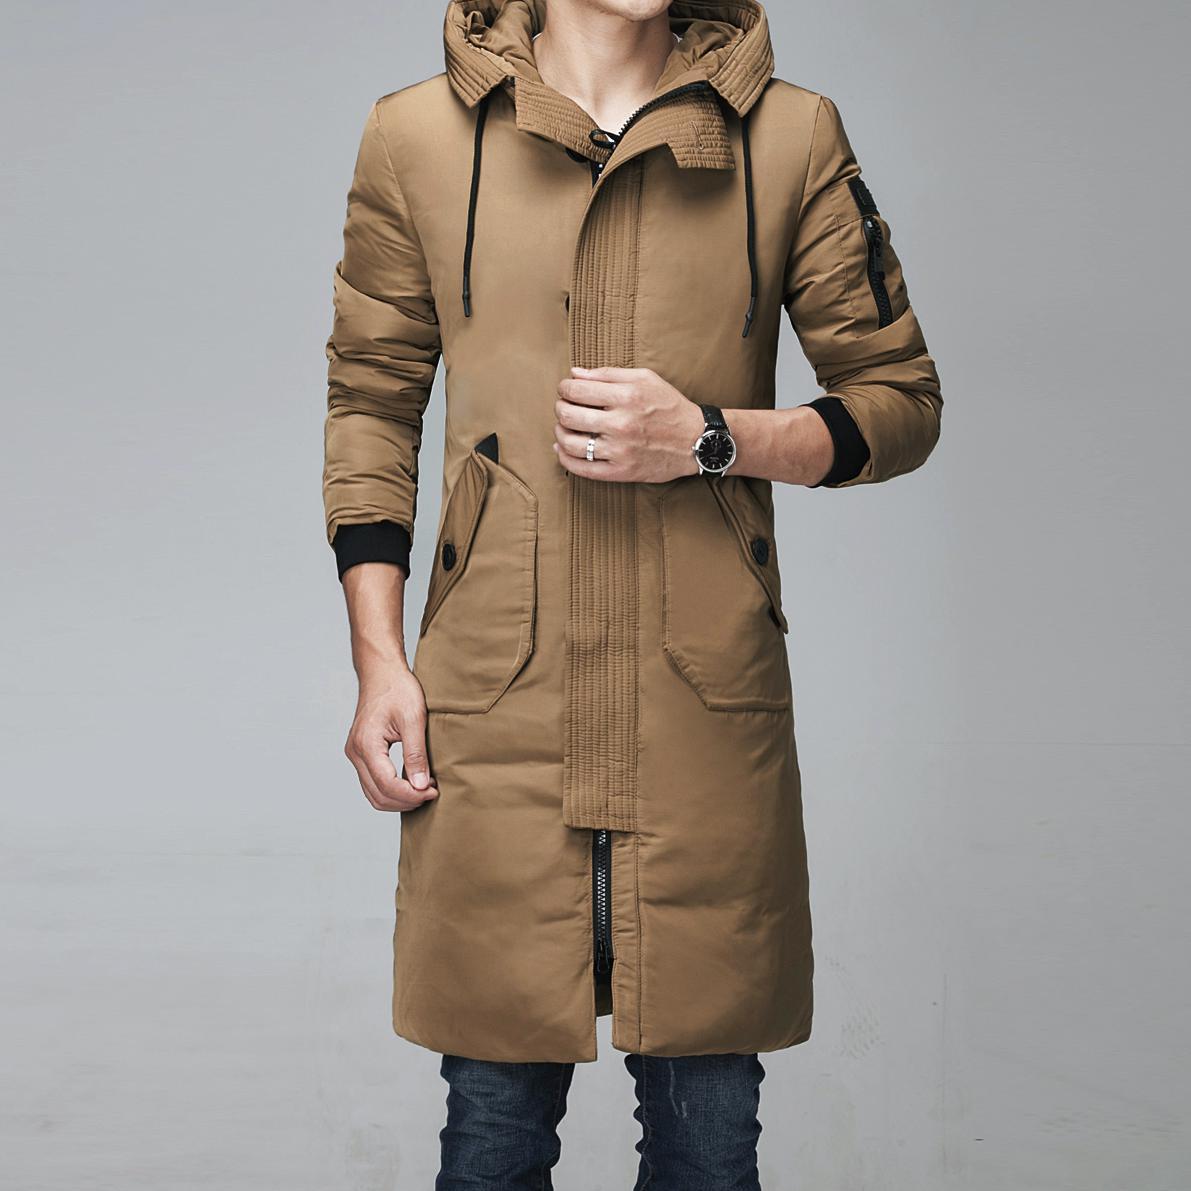 E lungo Gli Impermeabili A Di Outwear Caldo men Slim Con Casual Inverno  Parka men Modo Black Uomini Cappuccio Nuovo Giubbotti ... 71414820845